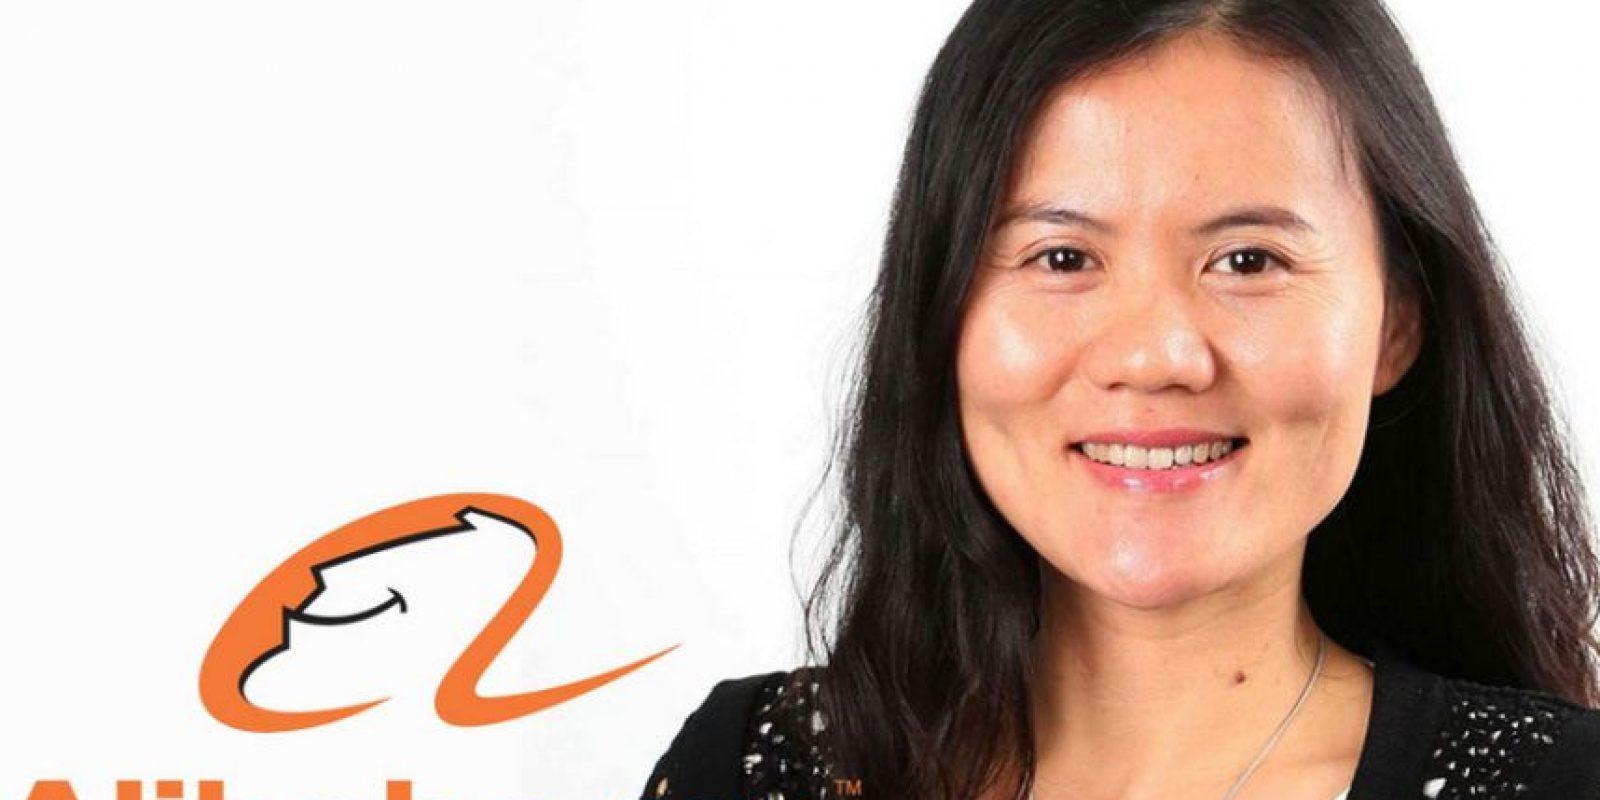 Lucy Peng- La CEO de Ant Financial Services, Alibaba Group ocupa el puesto 33. Tiene 42 años. Foto:Captura de pantalla